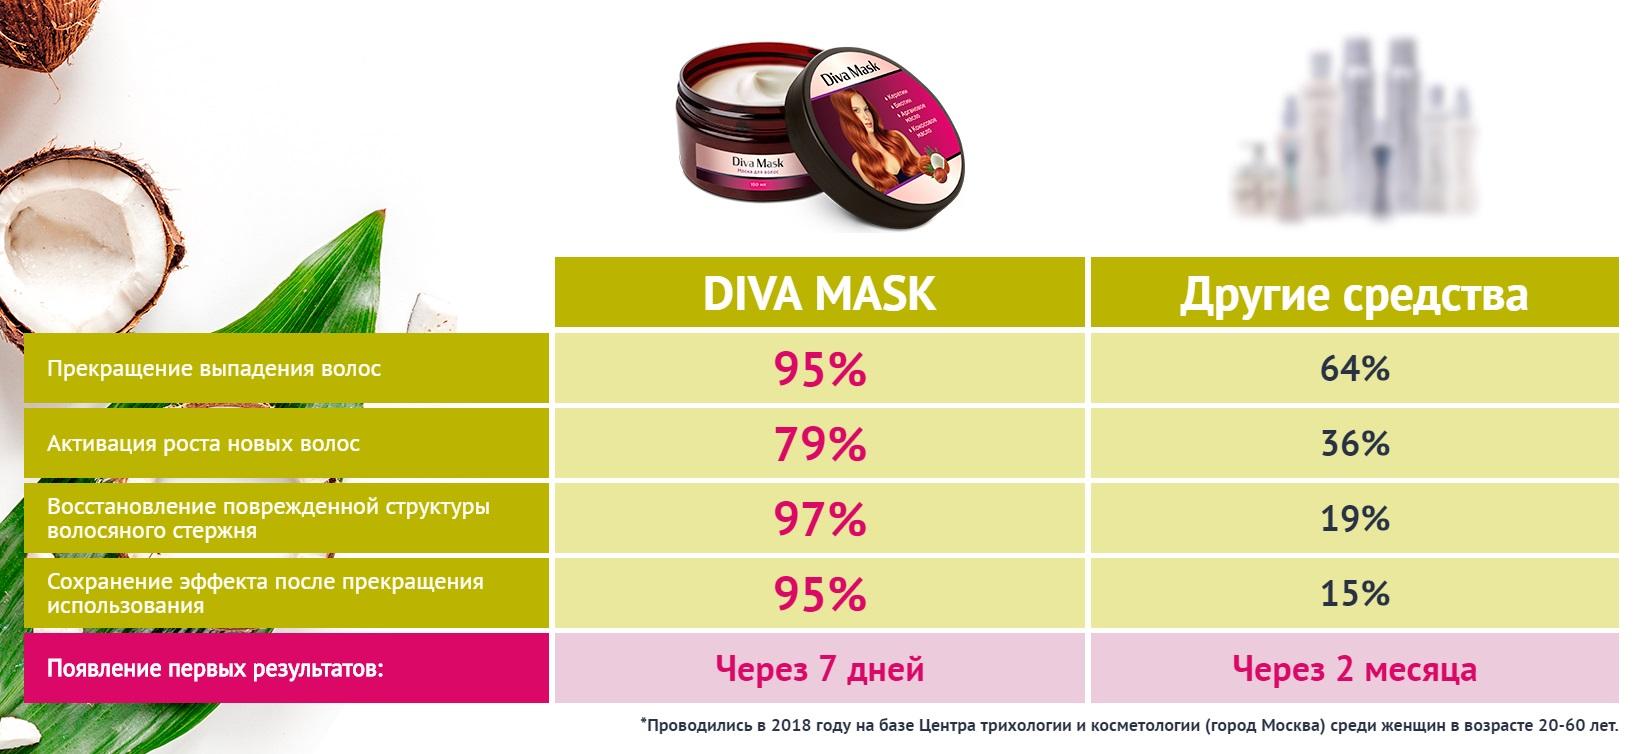 Результаты клинических исследований Diva Mask